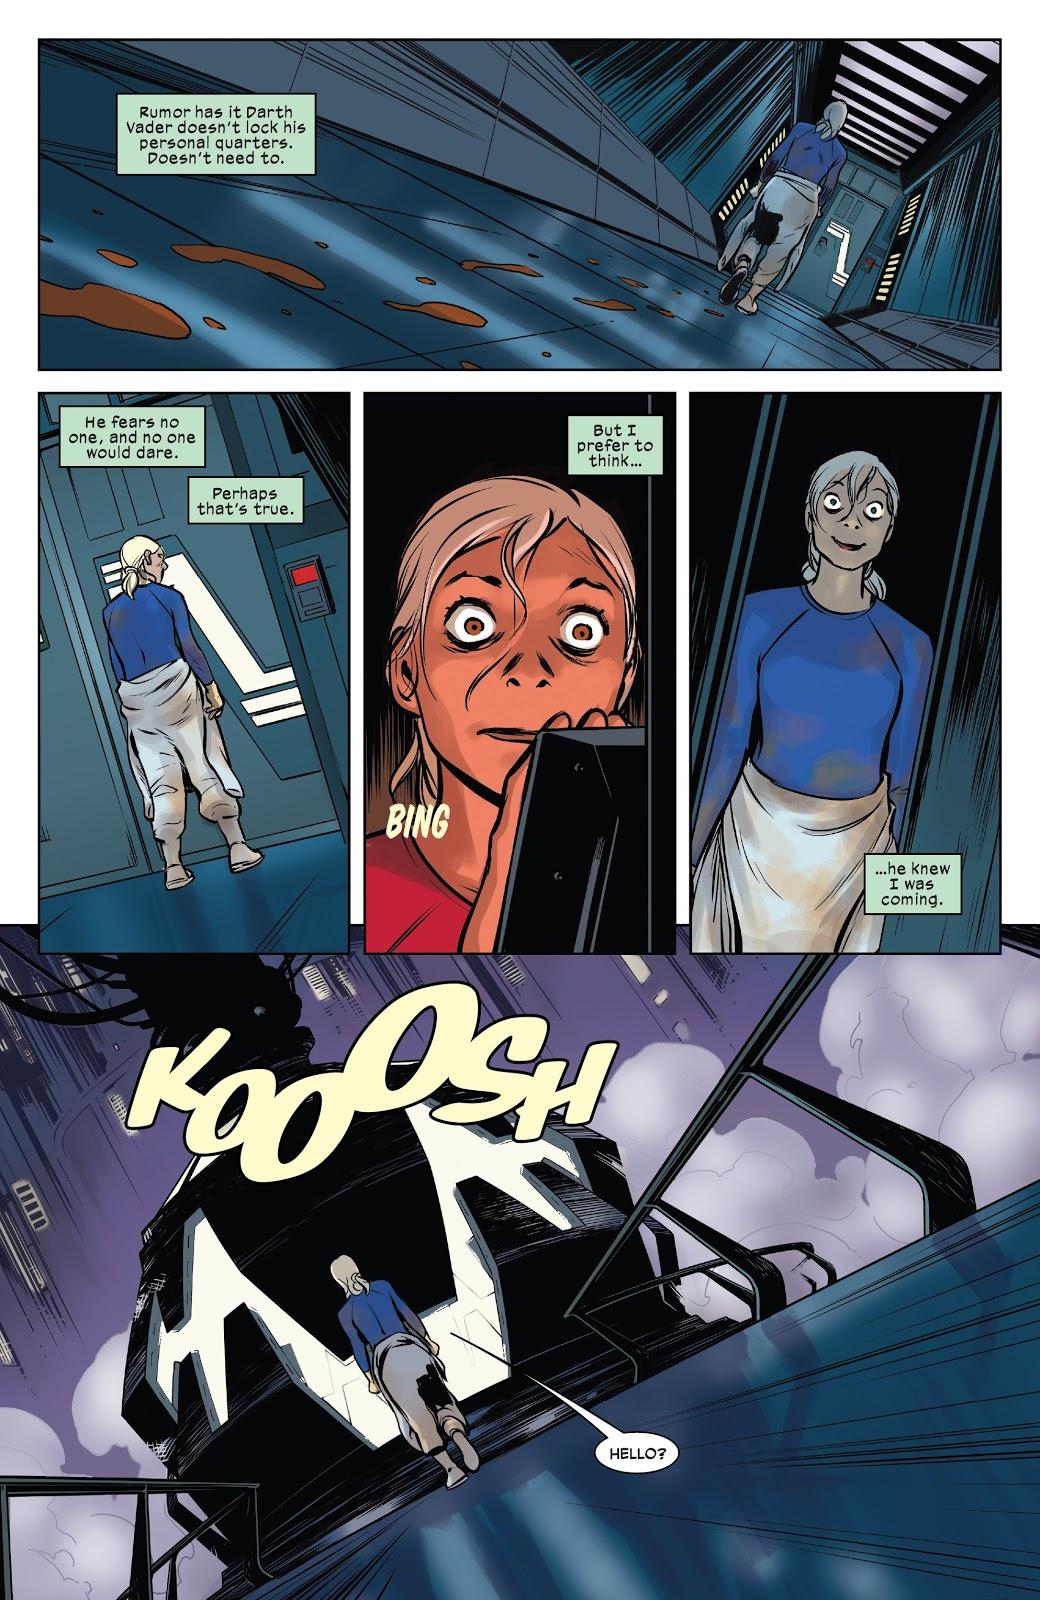 From – Star Wars: Vader: Dark Visions #3